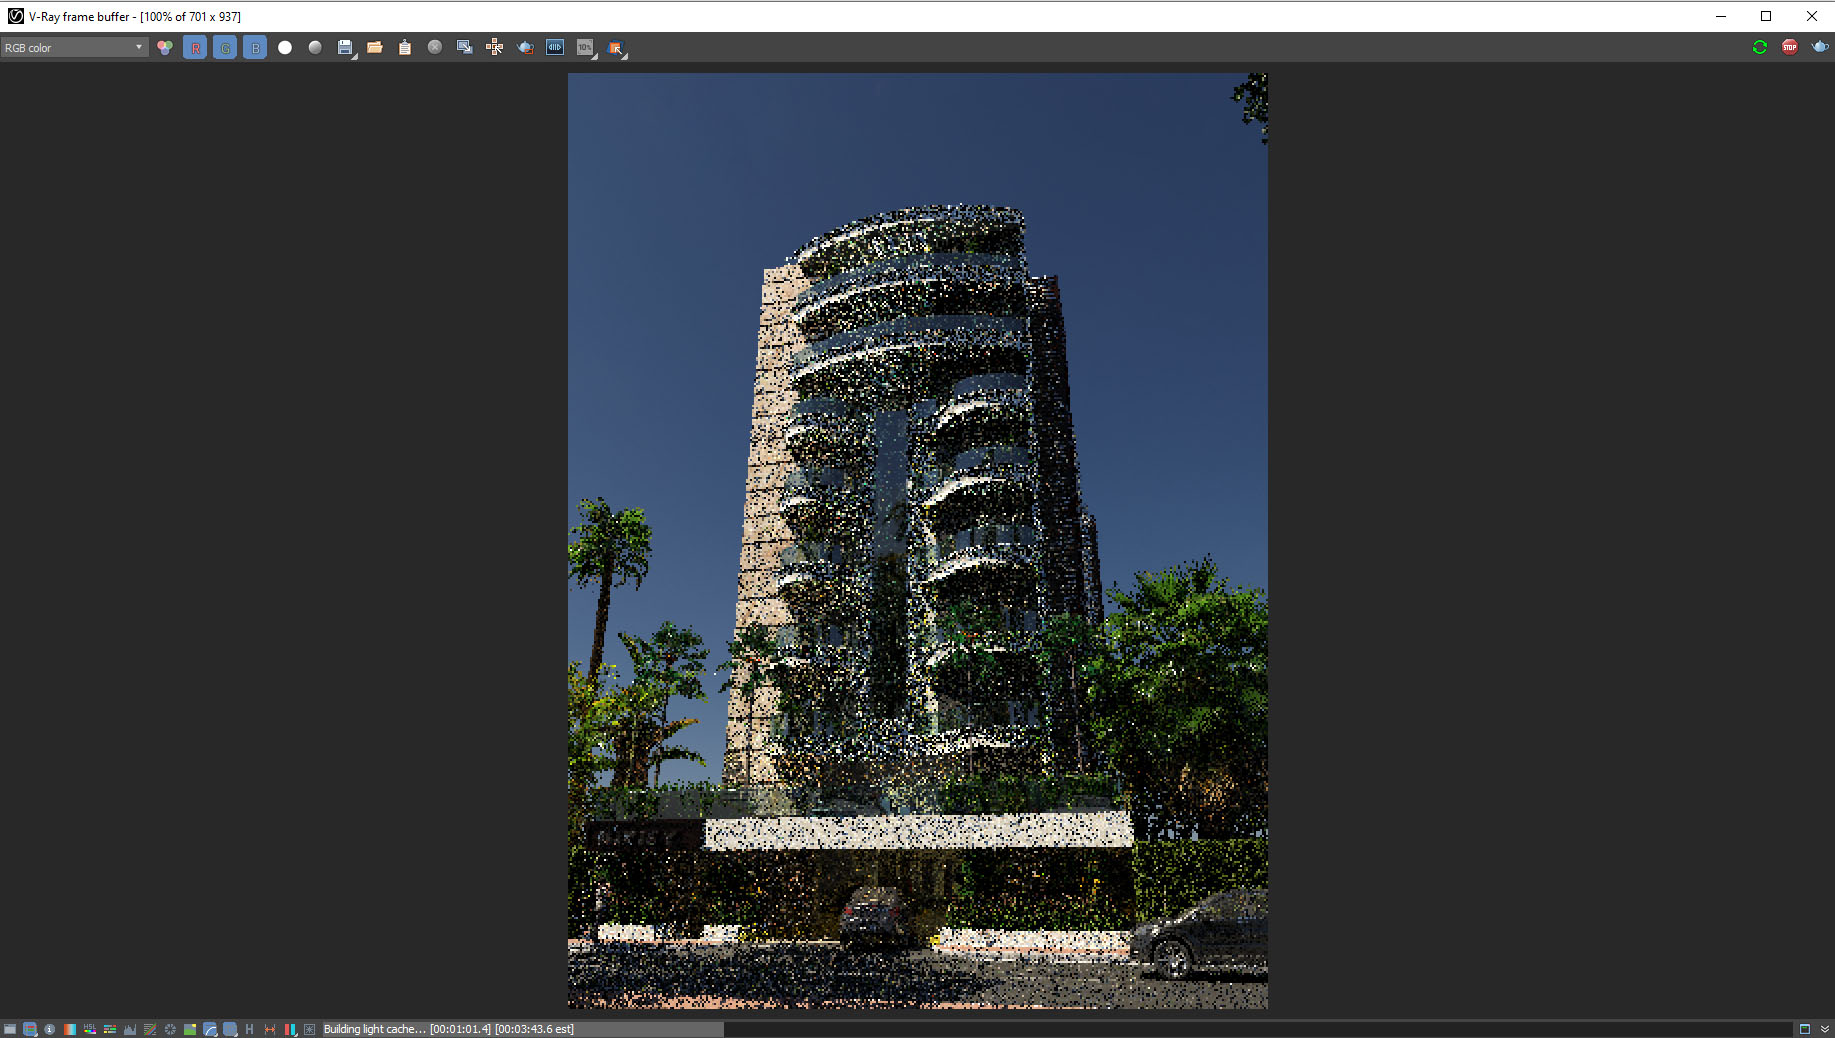 configuración de vray next render interactivo progressive